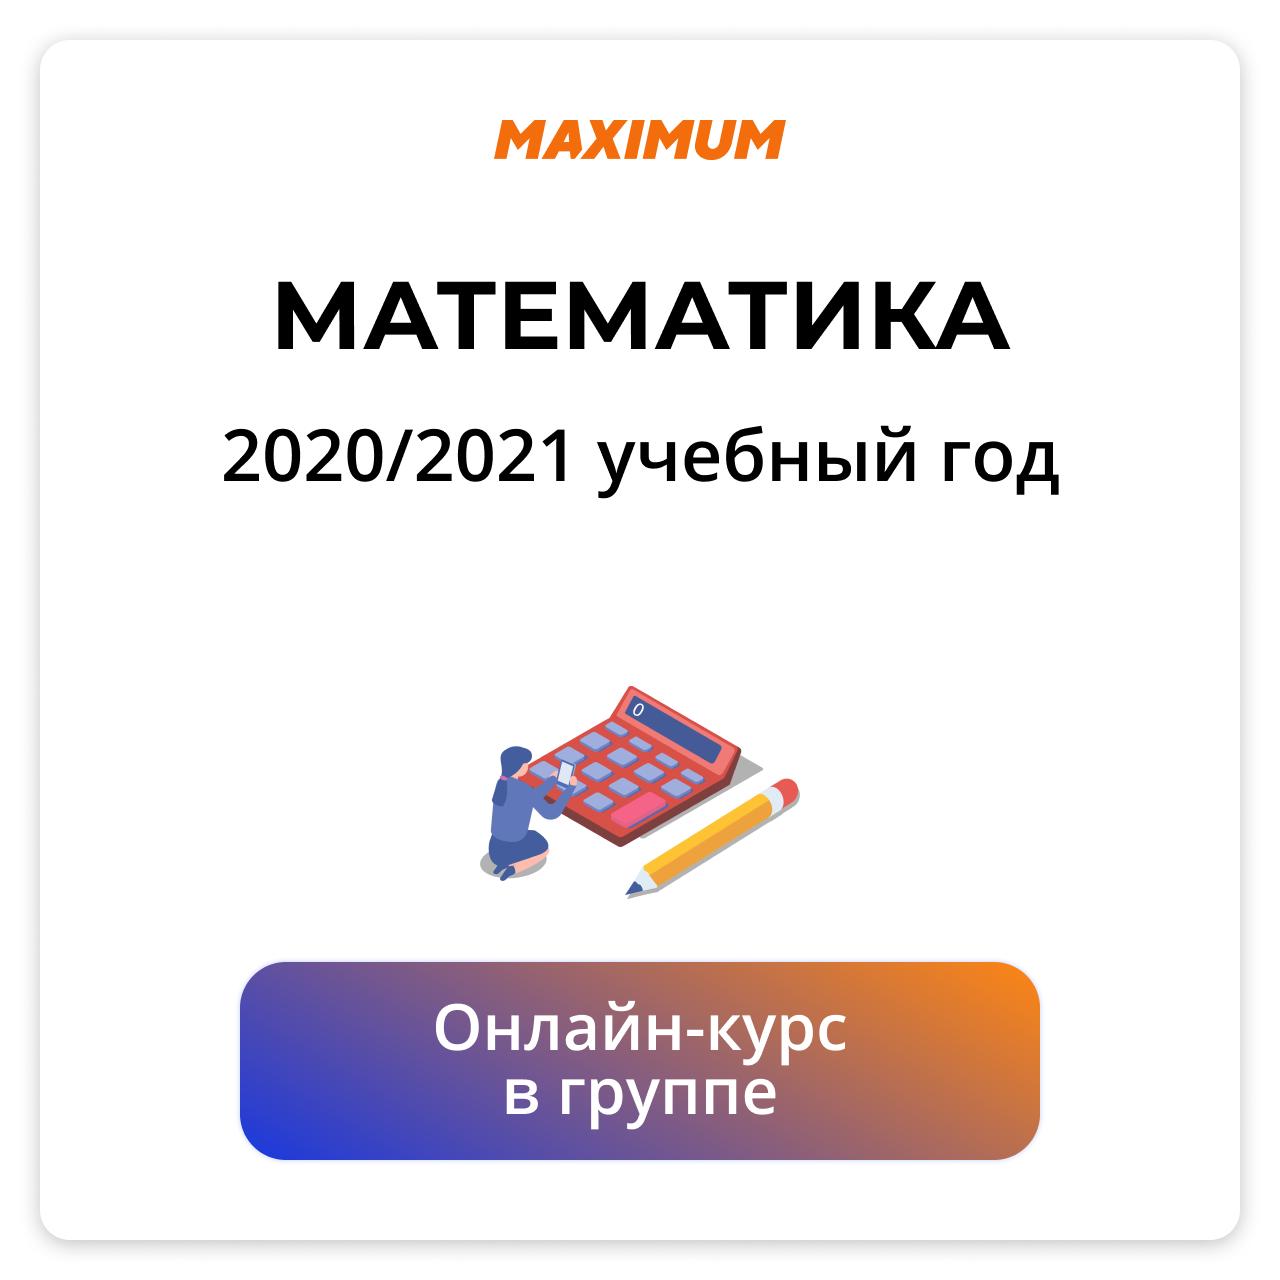 Математика ОГЭ Онлайн-группа